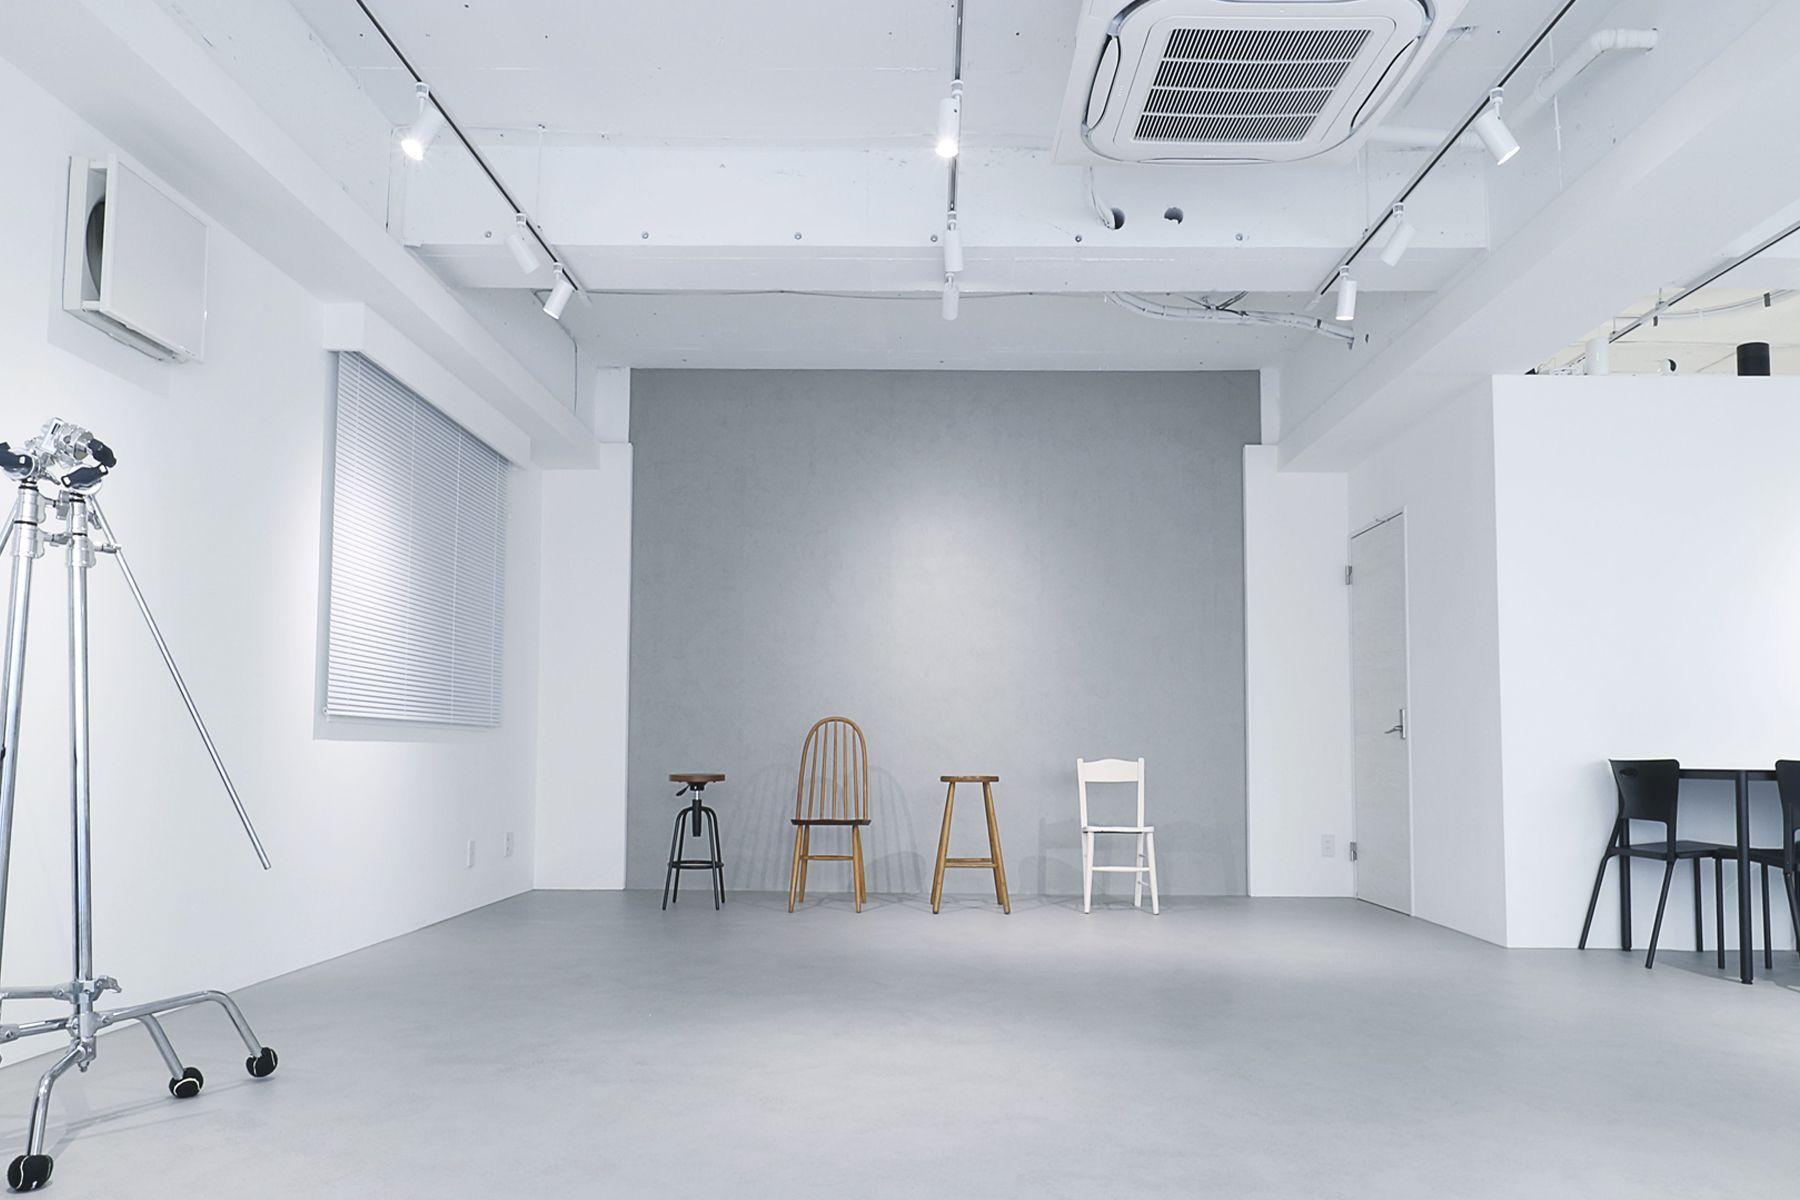 奥渋スタジオ (オクシブスタジオ)グレー壁×モルタル